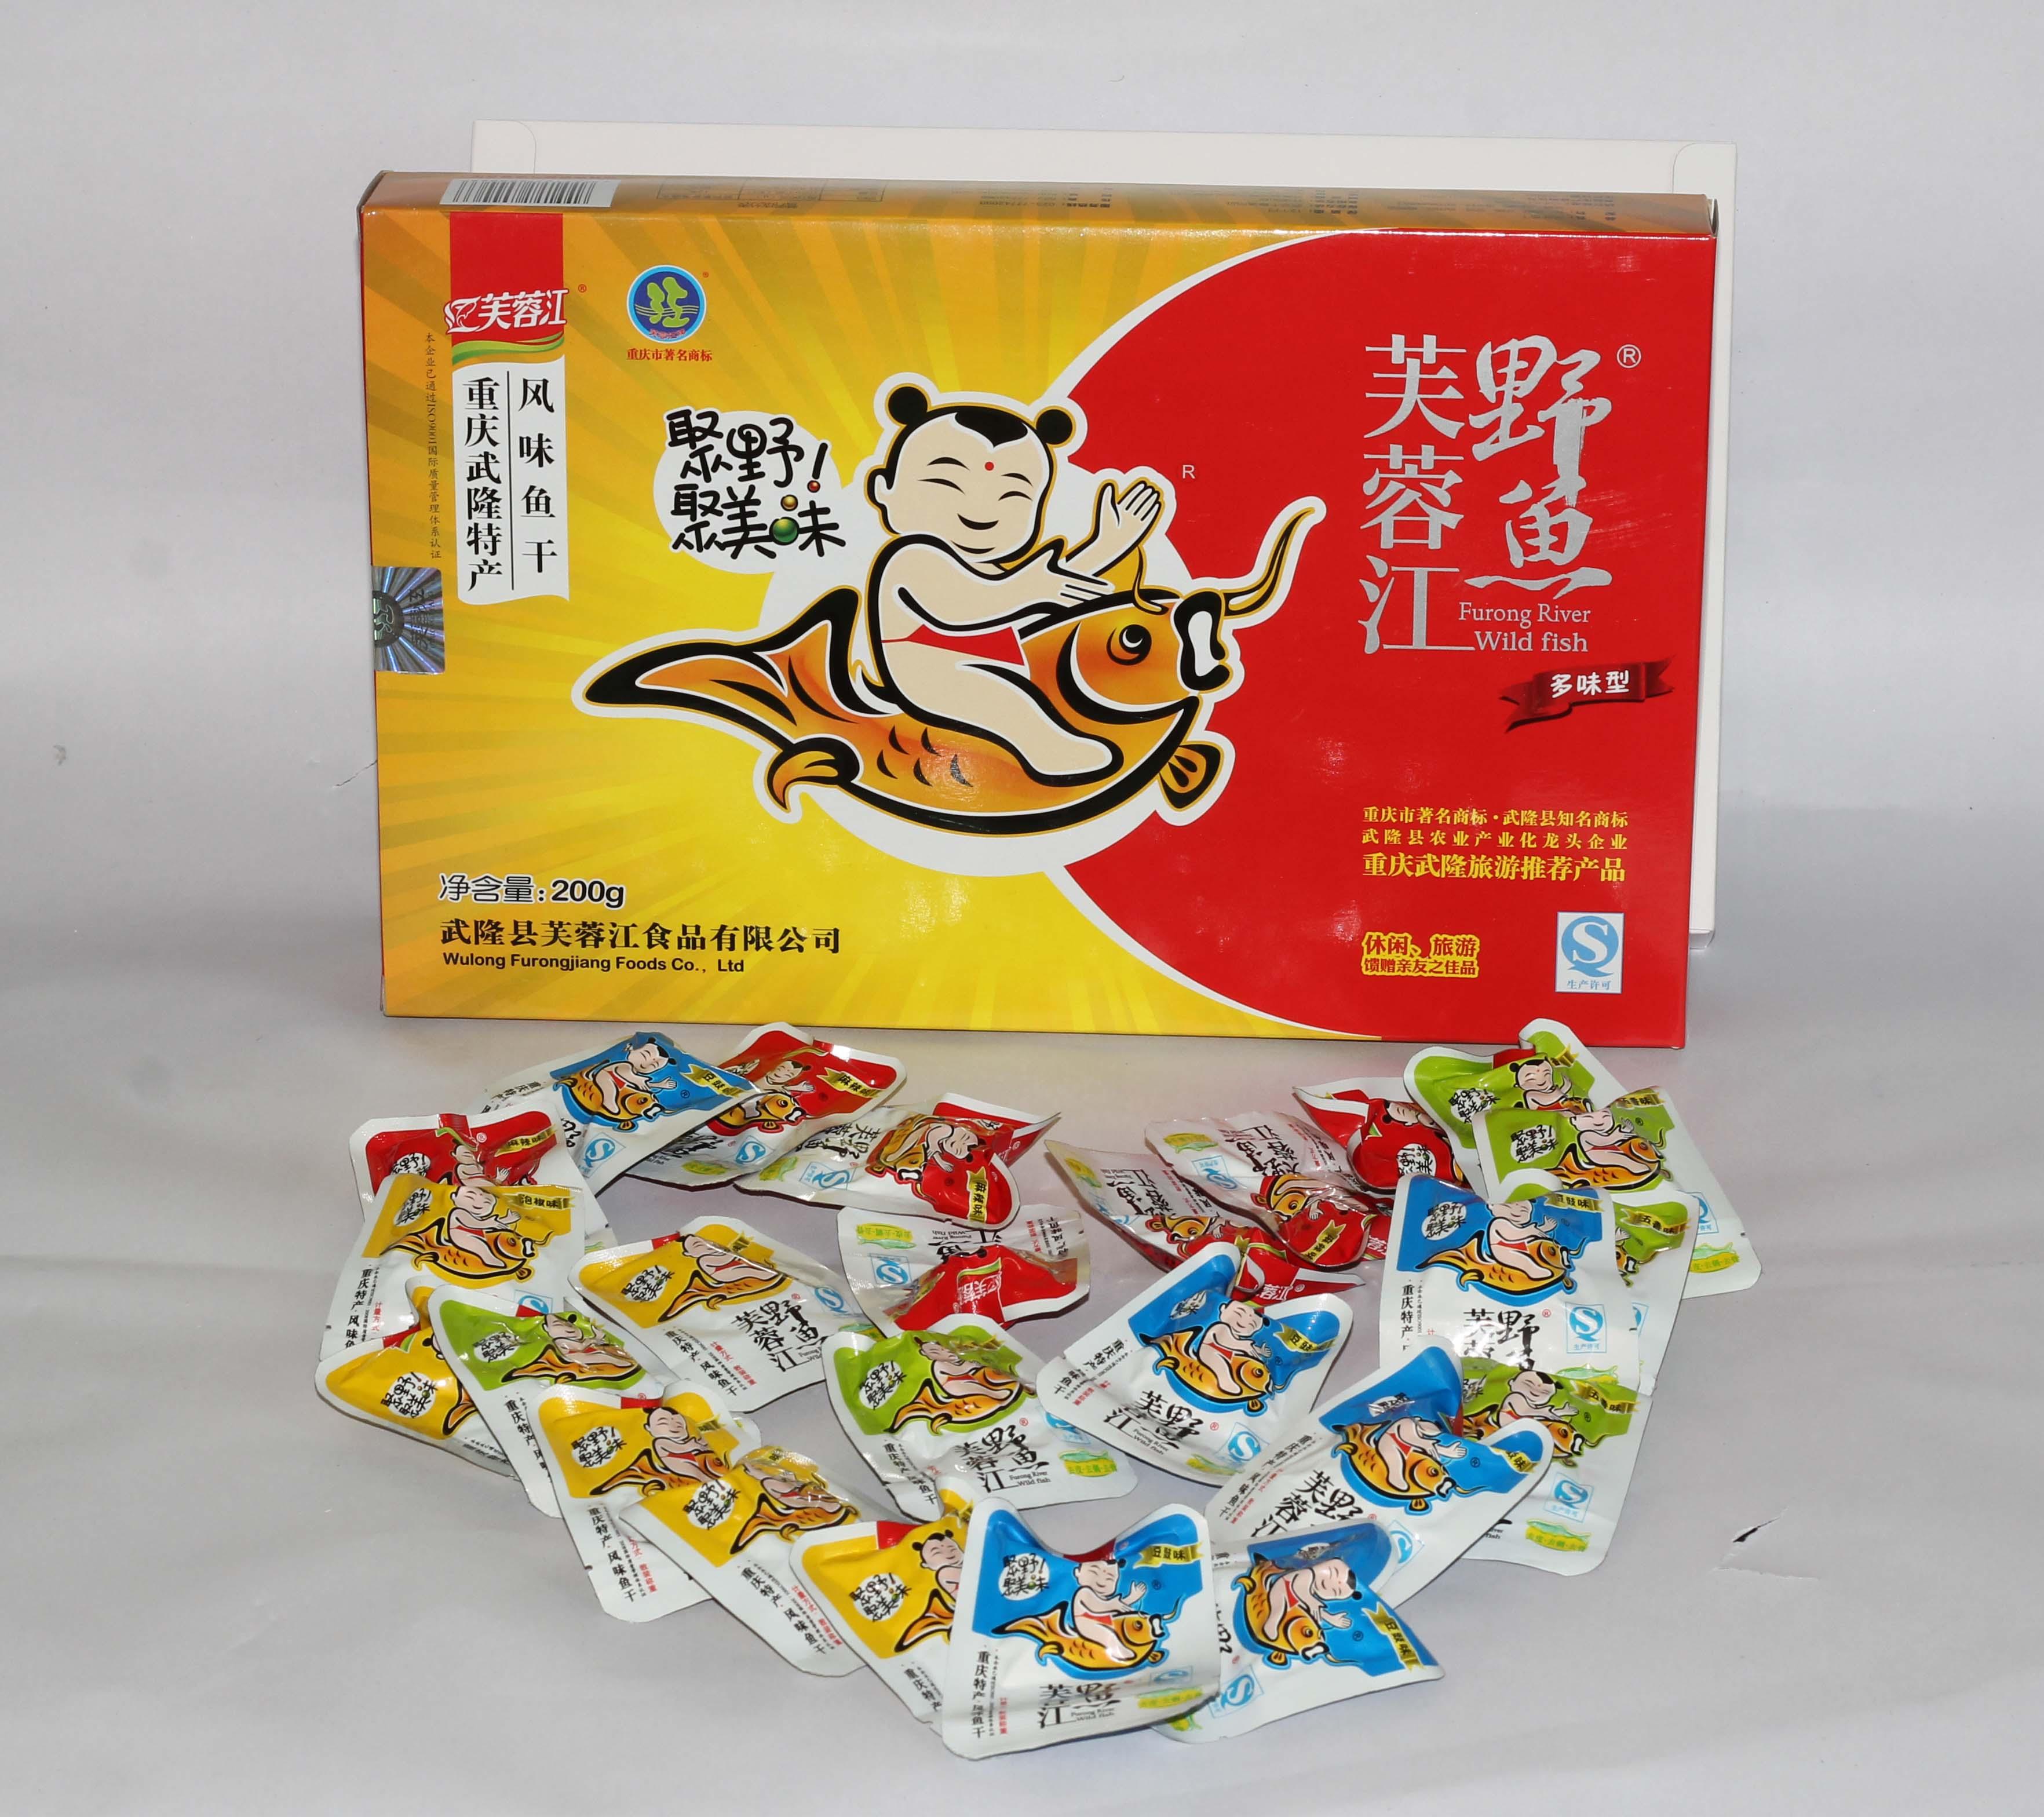 重庆武隆芙蓉江野鱼200g普通盒